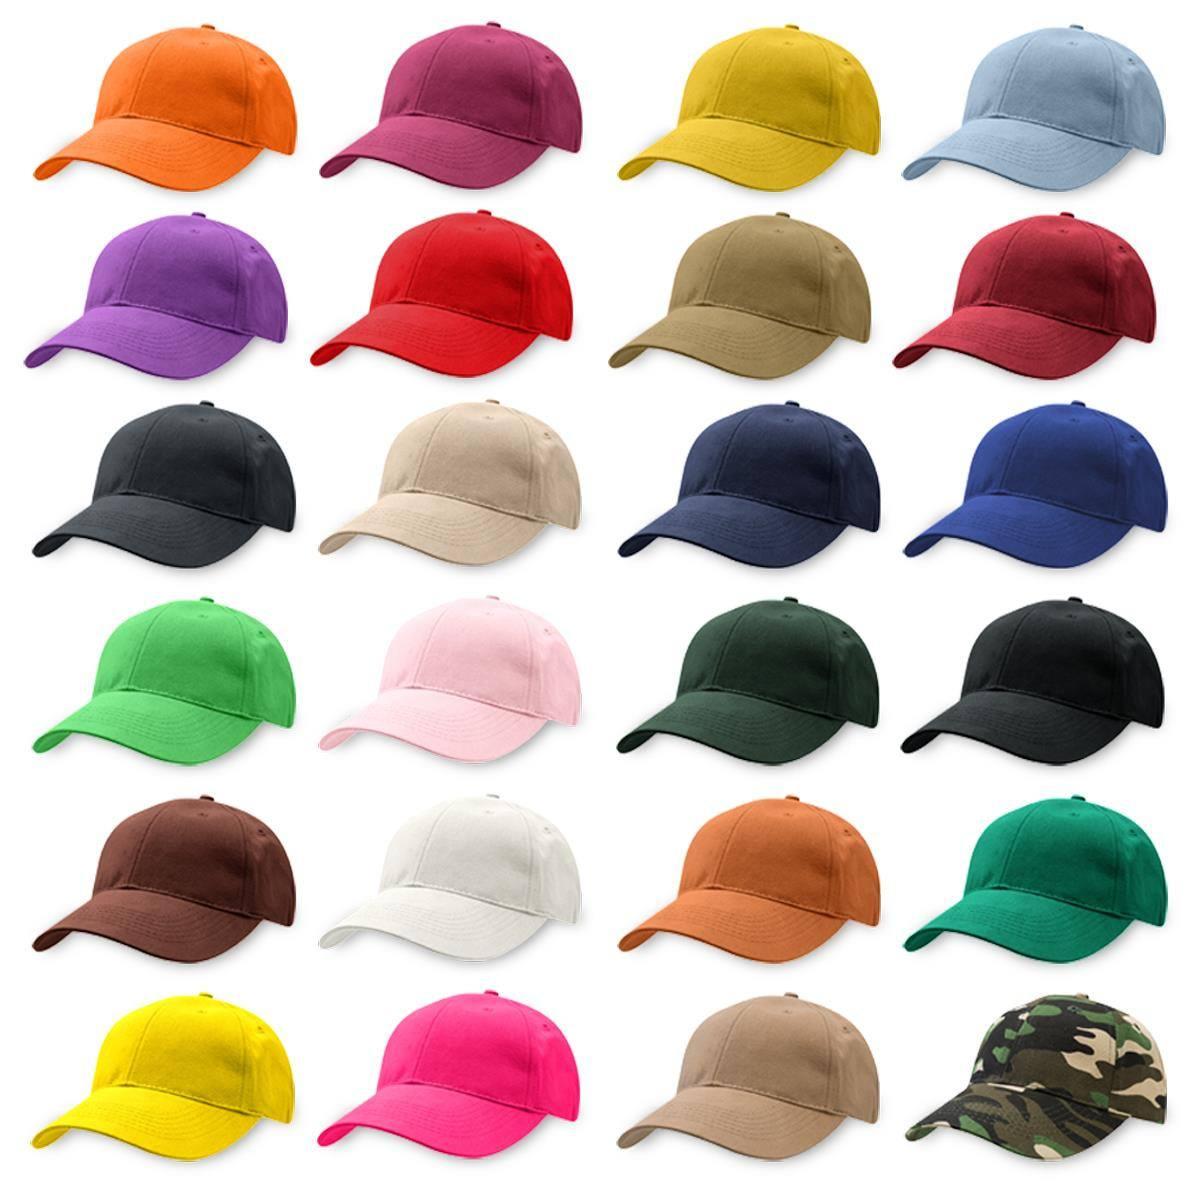 c90e27db8 Premium Soft Cotton Cap